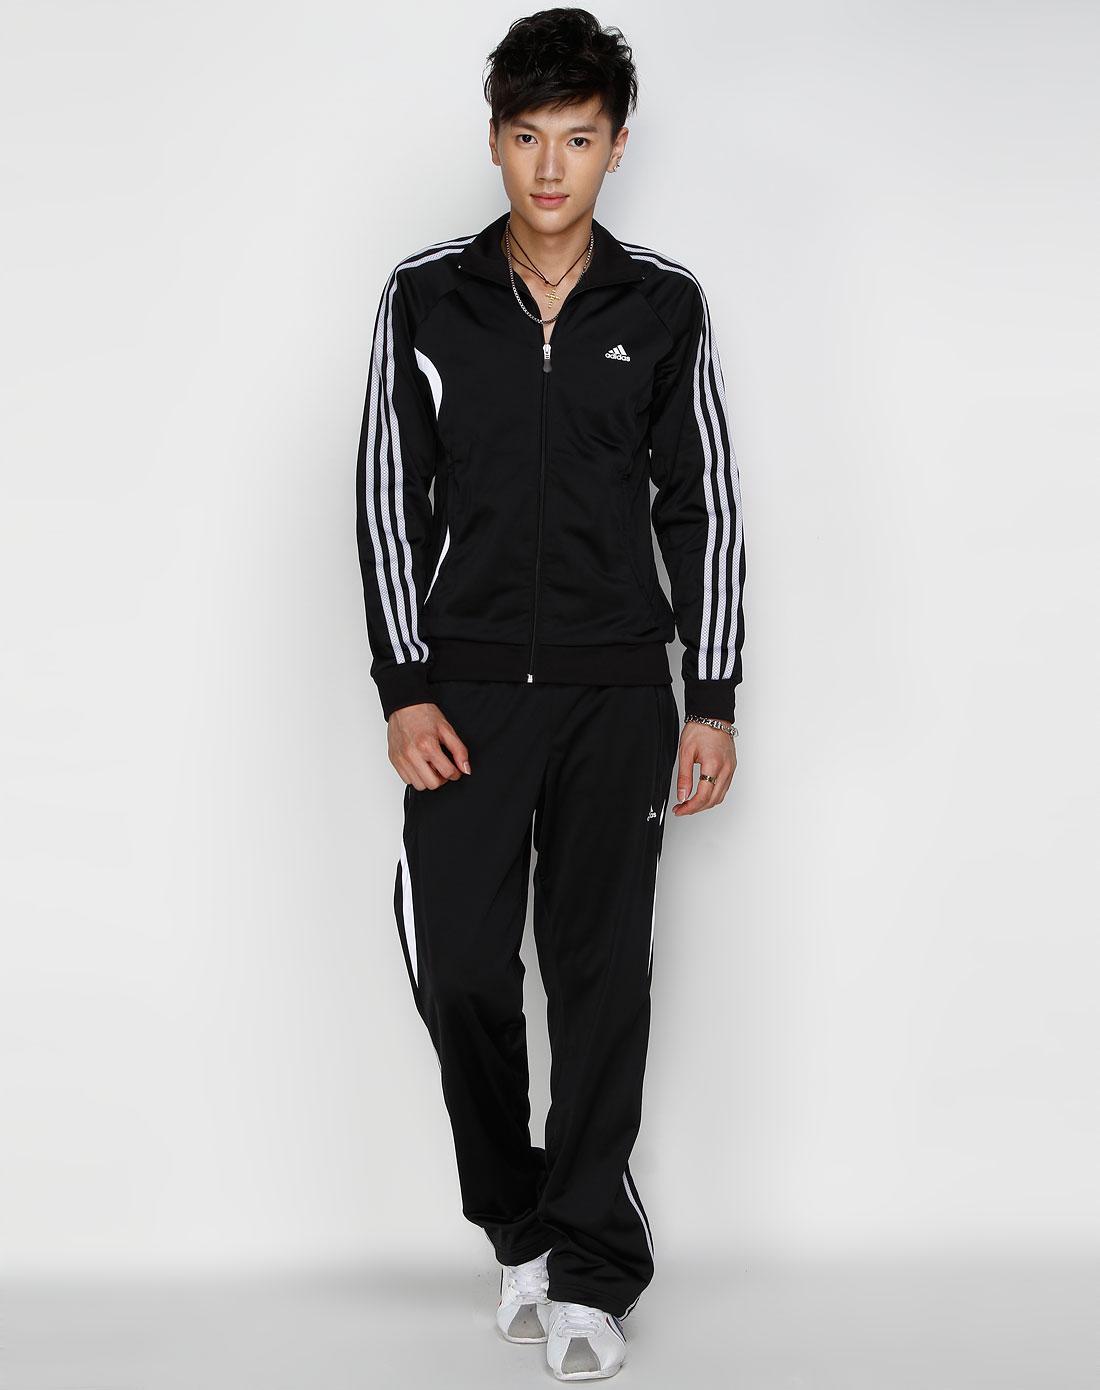 阿迪达斯adidas男装专场-sp 男款 黑/灰色休闲运动长袖套装